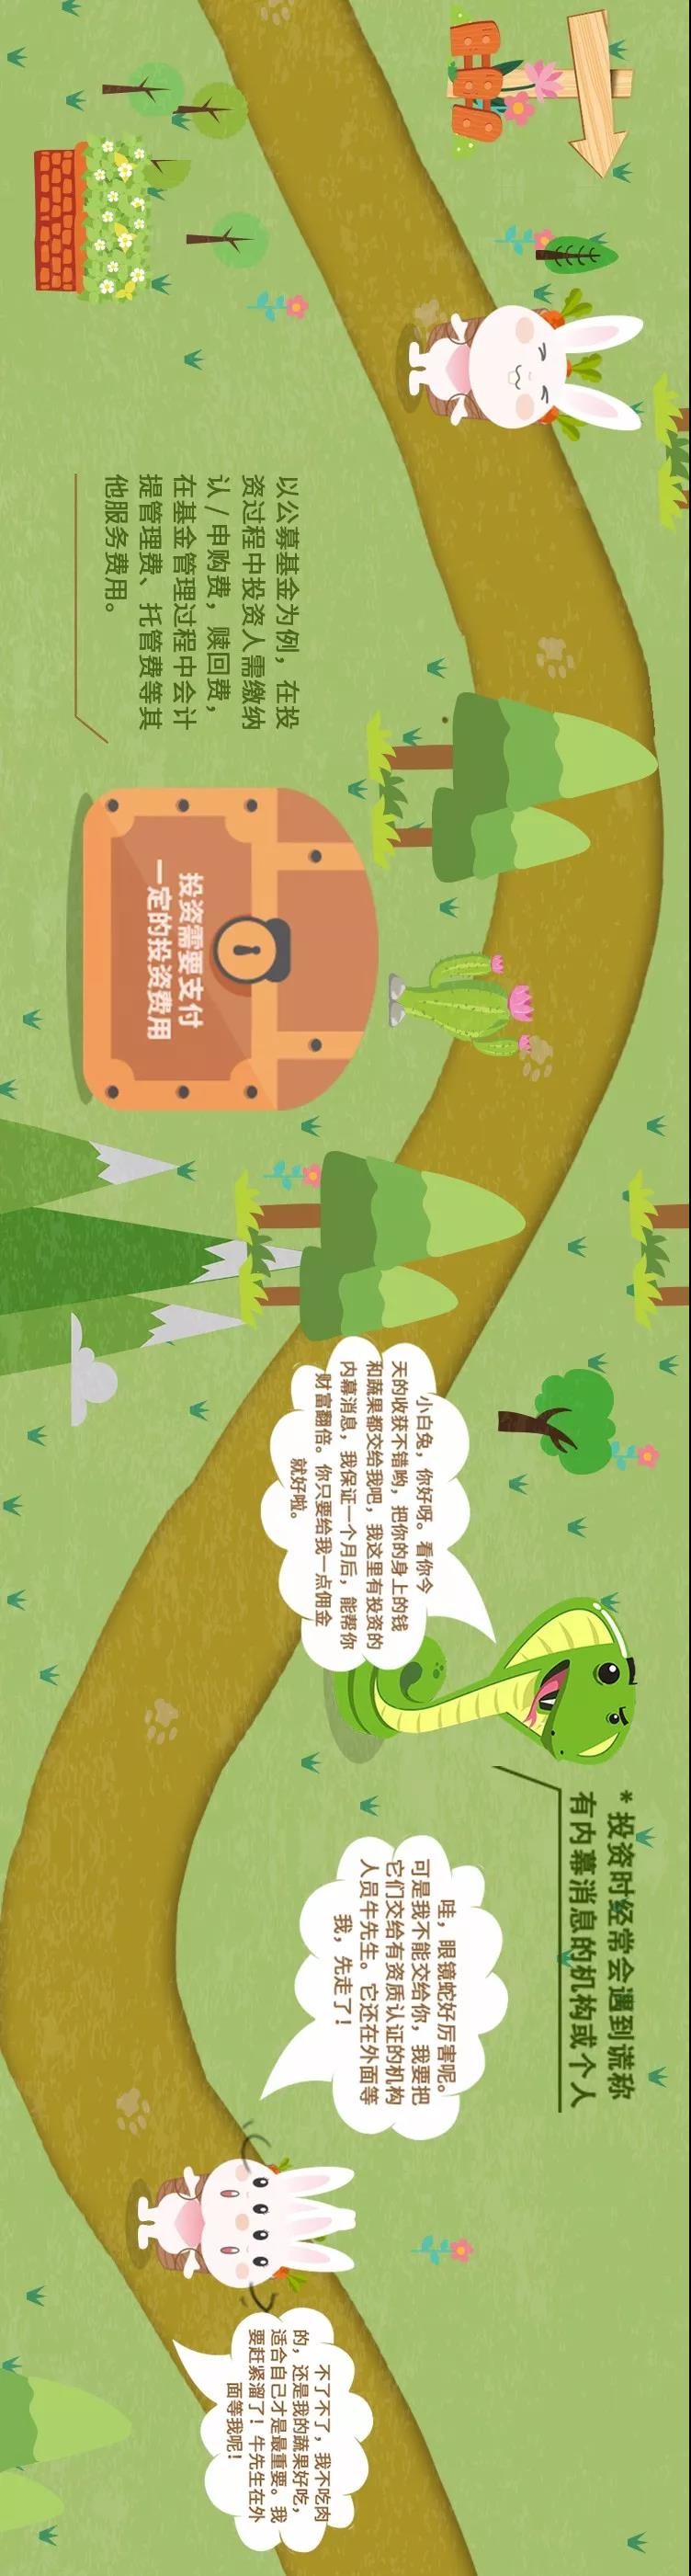 投资者教育之奇妙森林历险记3.jpg